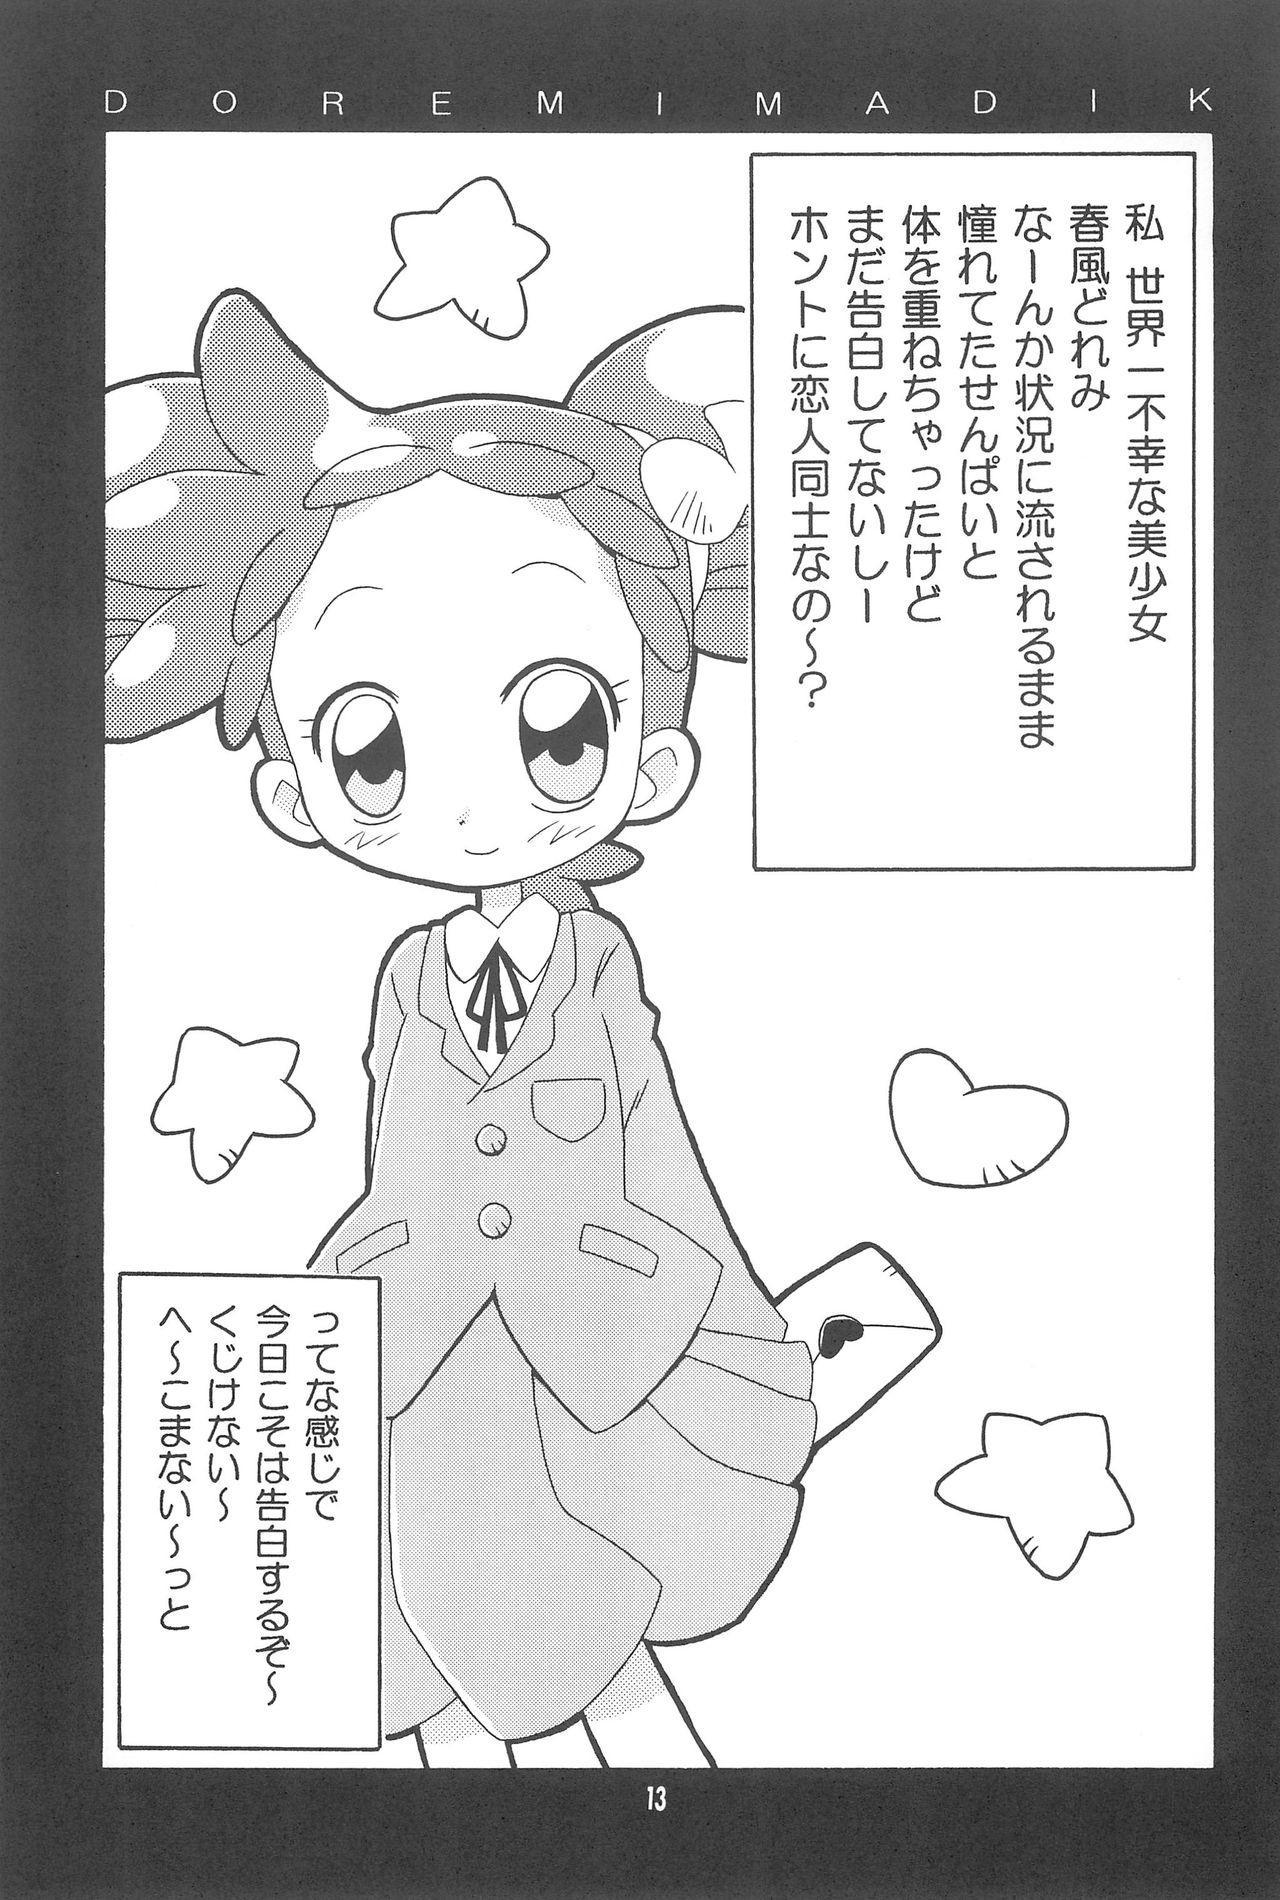 Doremi Magic 12